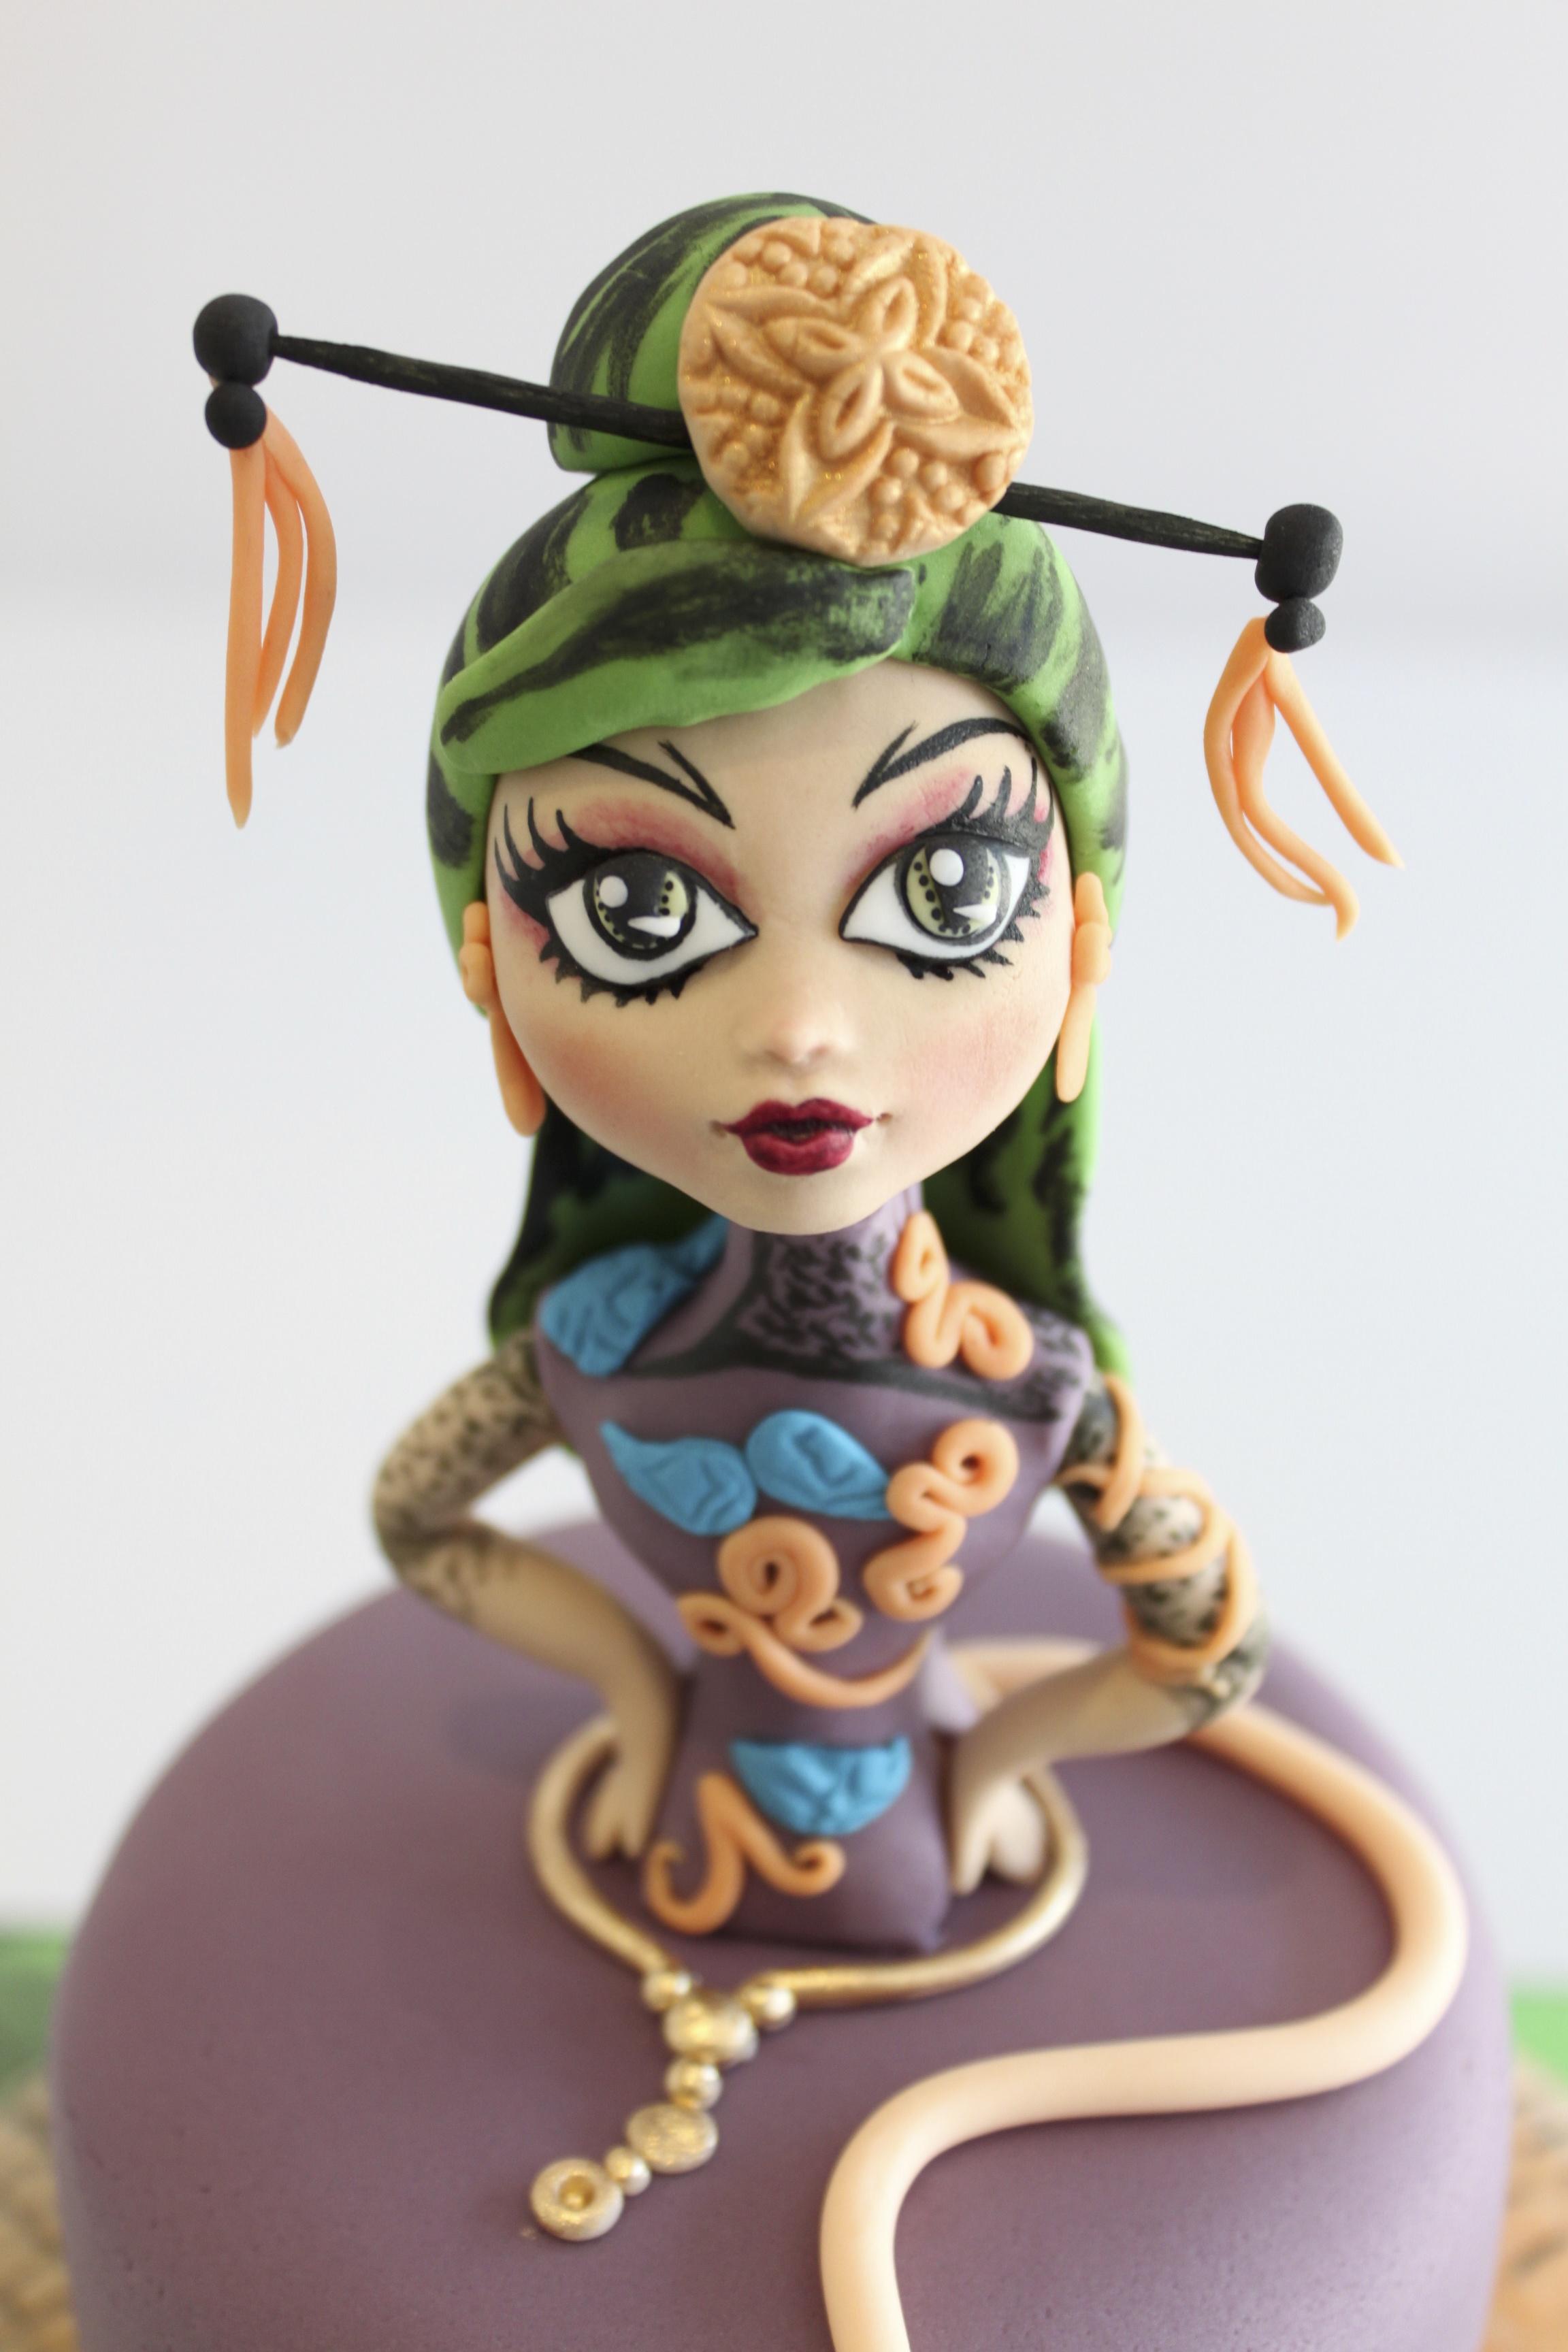 Geisha fondant figurine